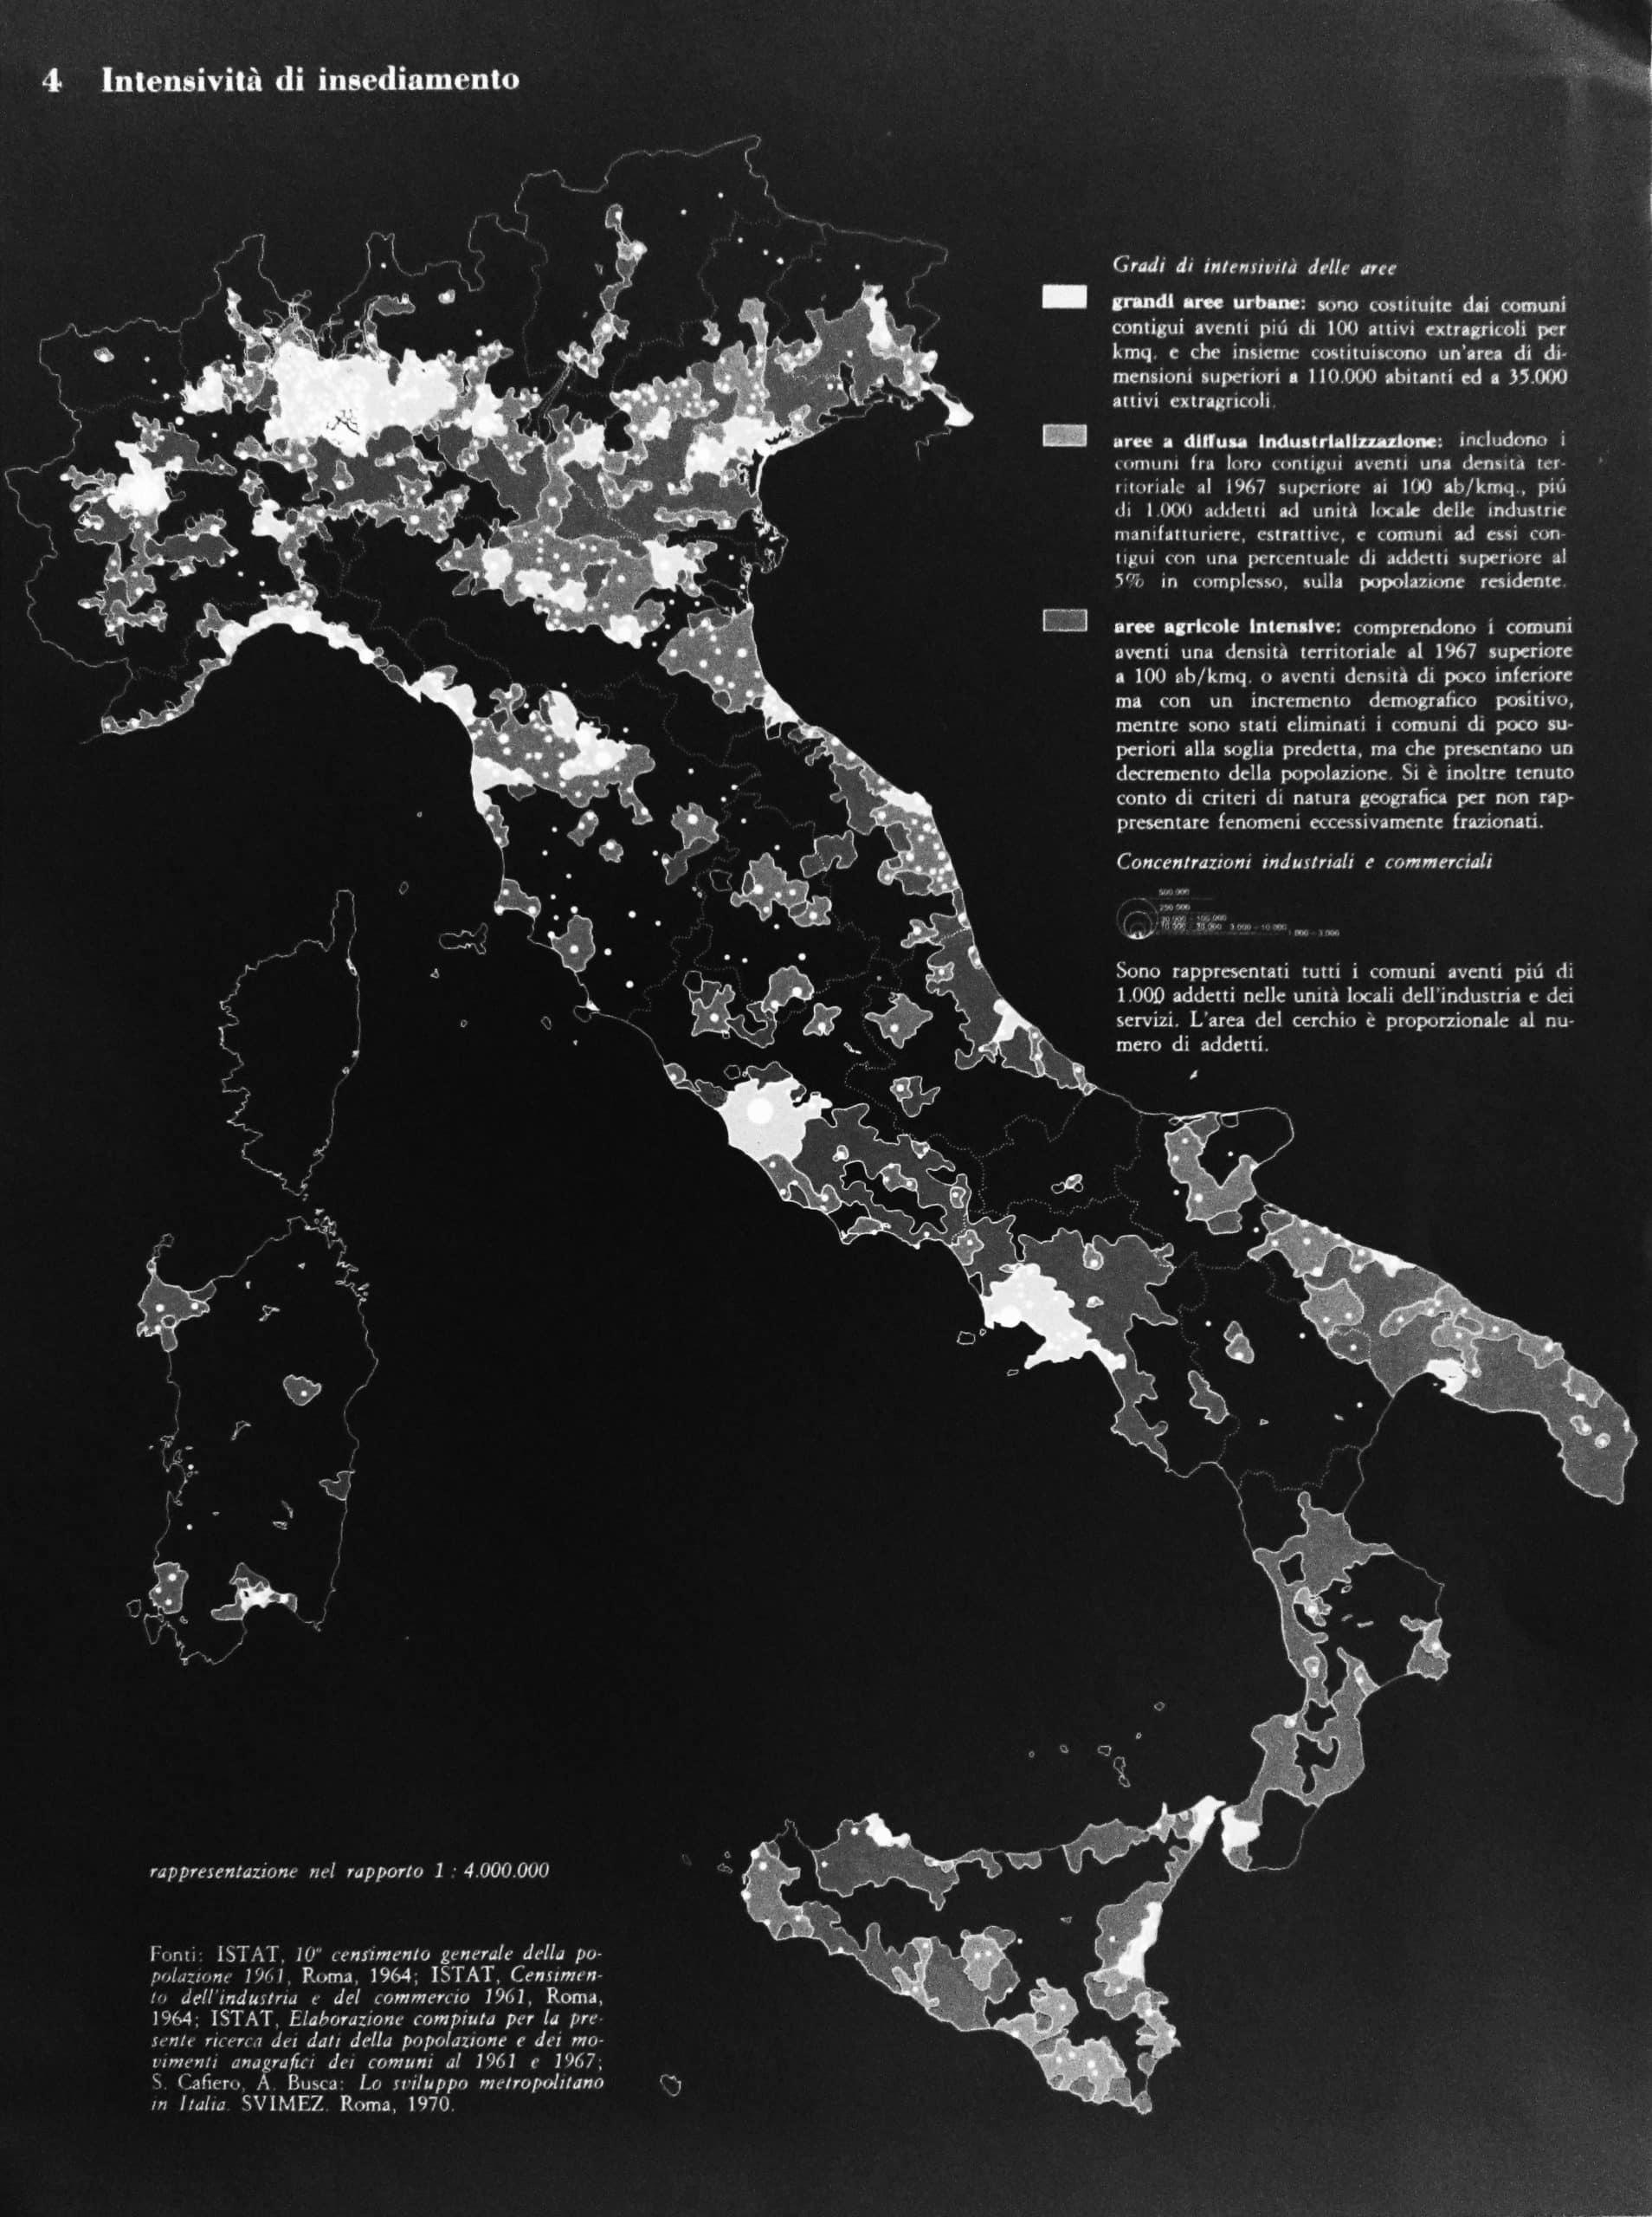 """2 - Lo sviluppo metropolitano in Italia, Giuffrè Editore, Roma 1970; con S. Cafiero - Estratto """"Intensività di insediamento"""""""